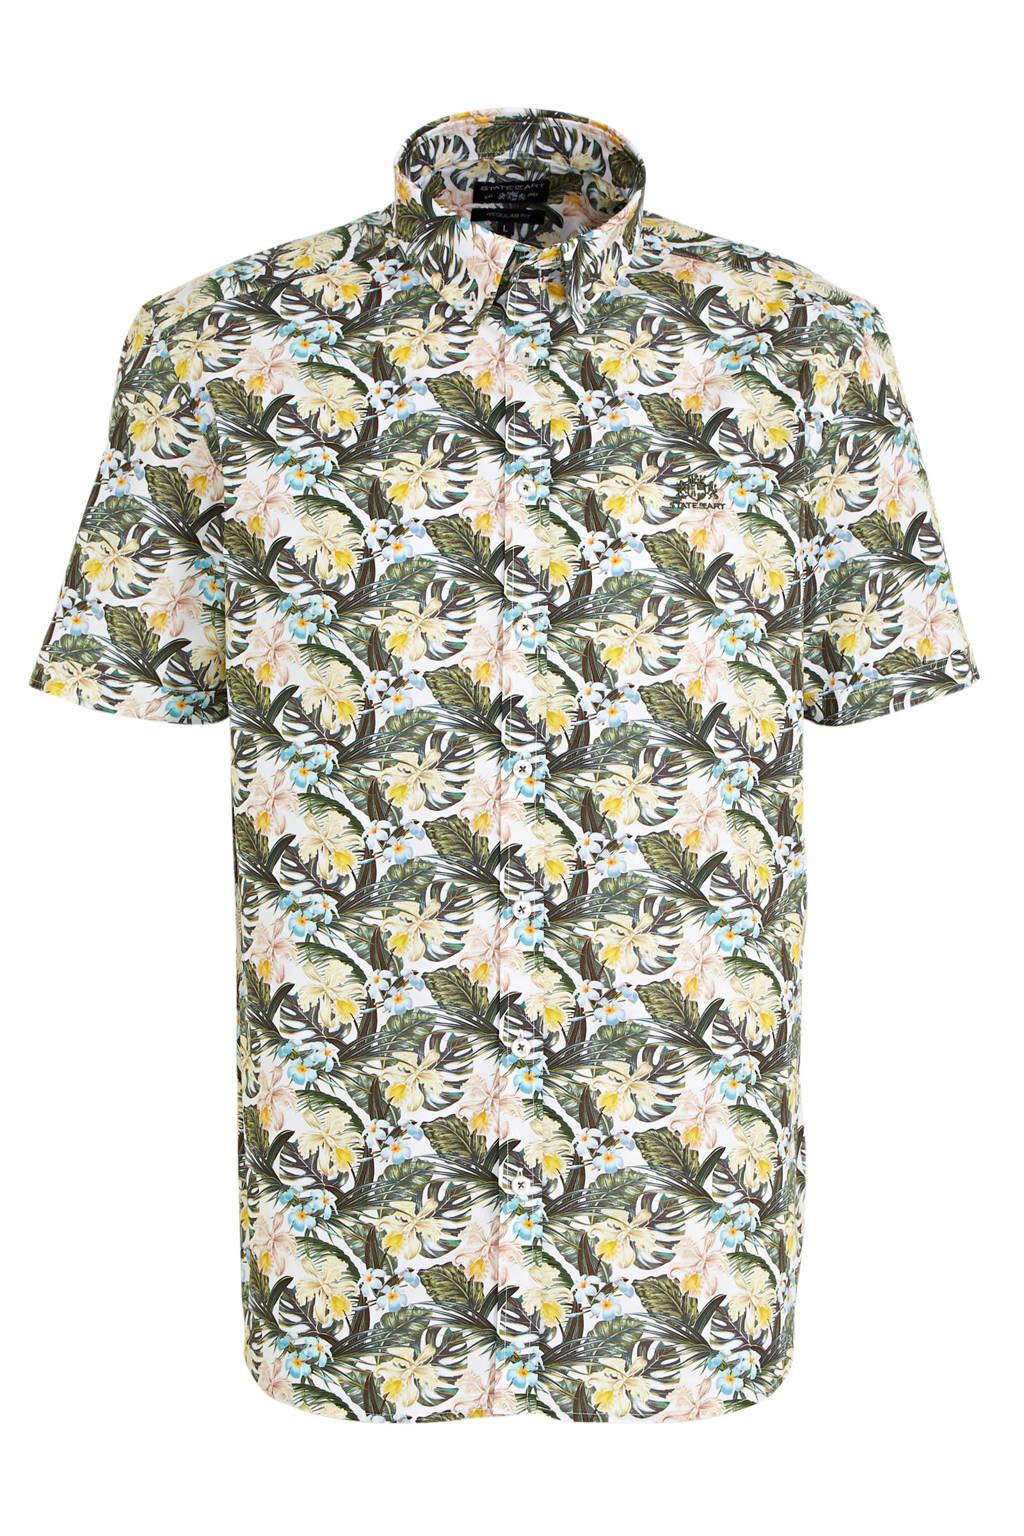 State of Art gebloemd slim fit overhemd mosgroen/geel, Mosgroen/geel